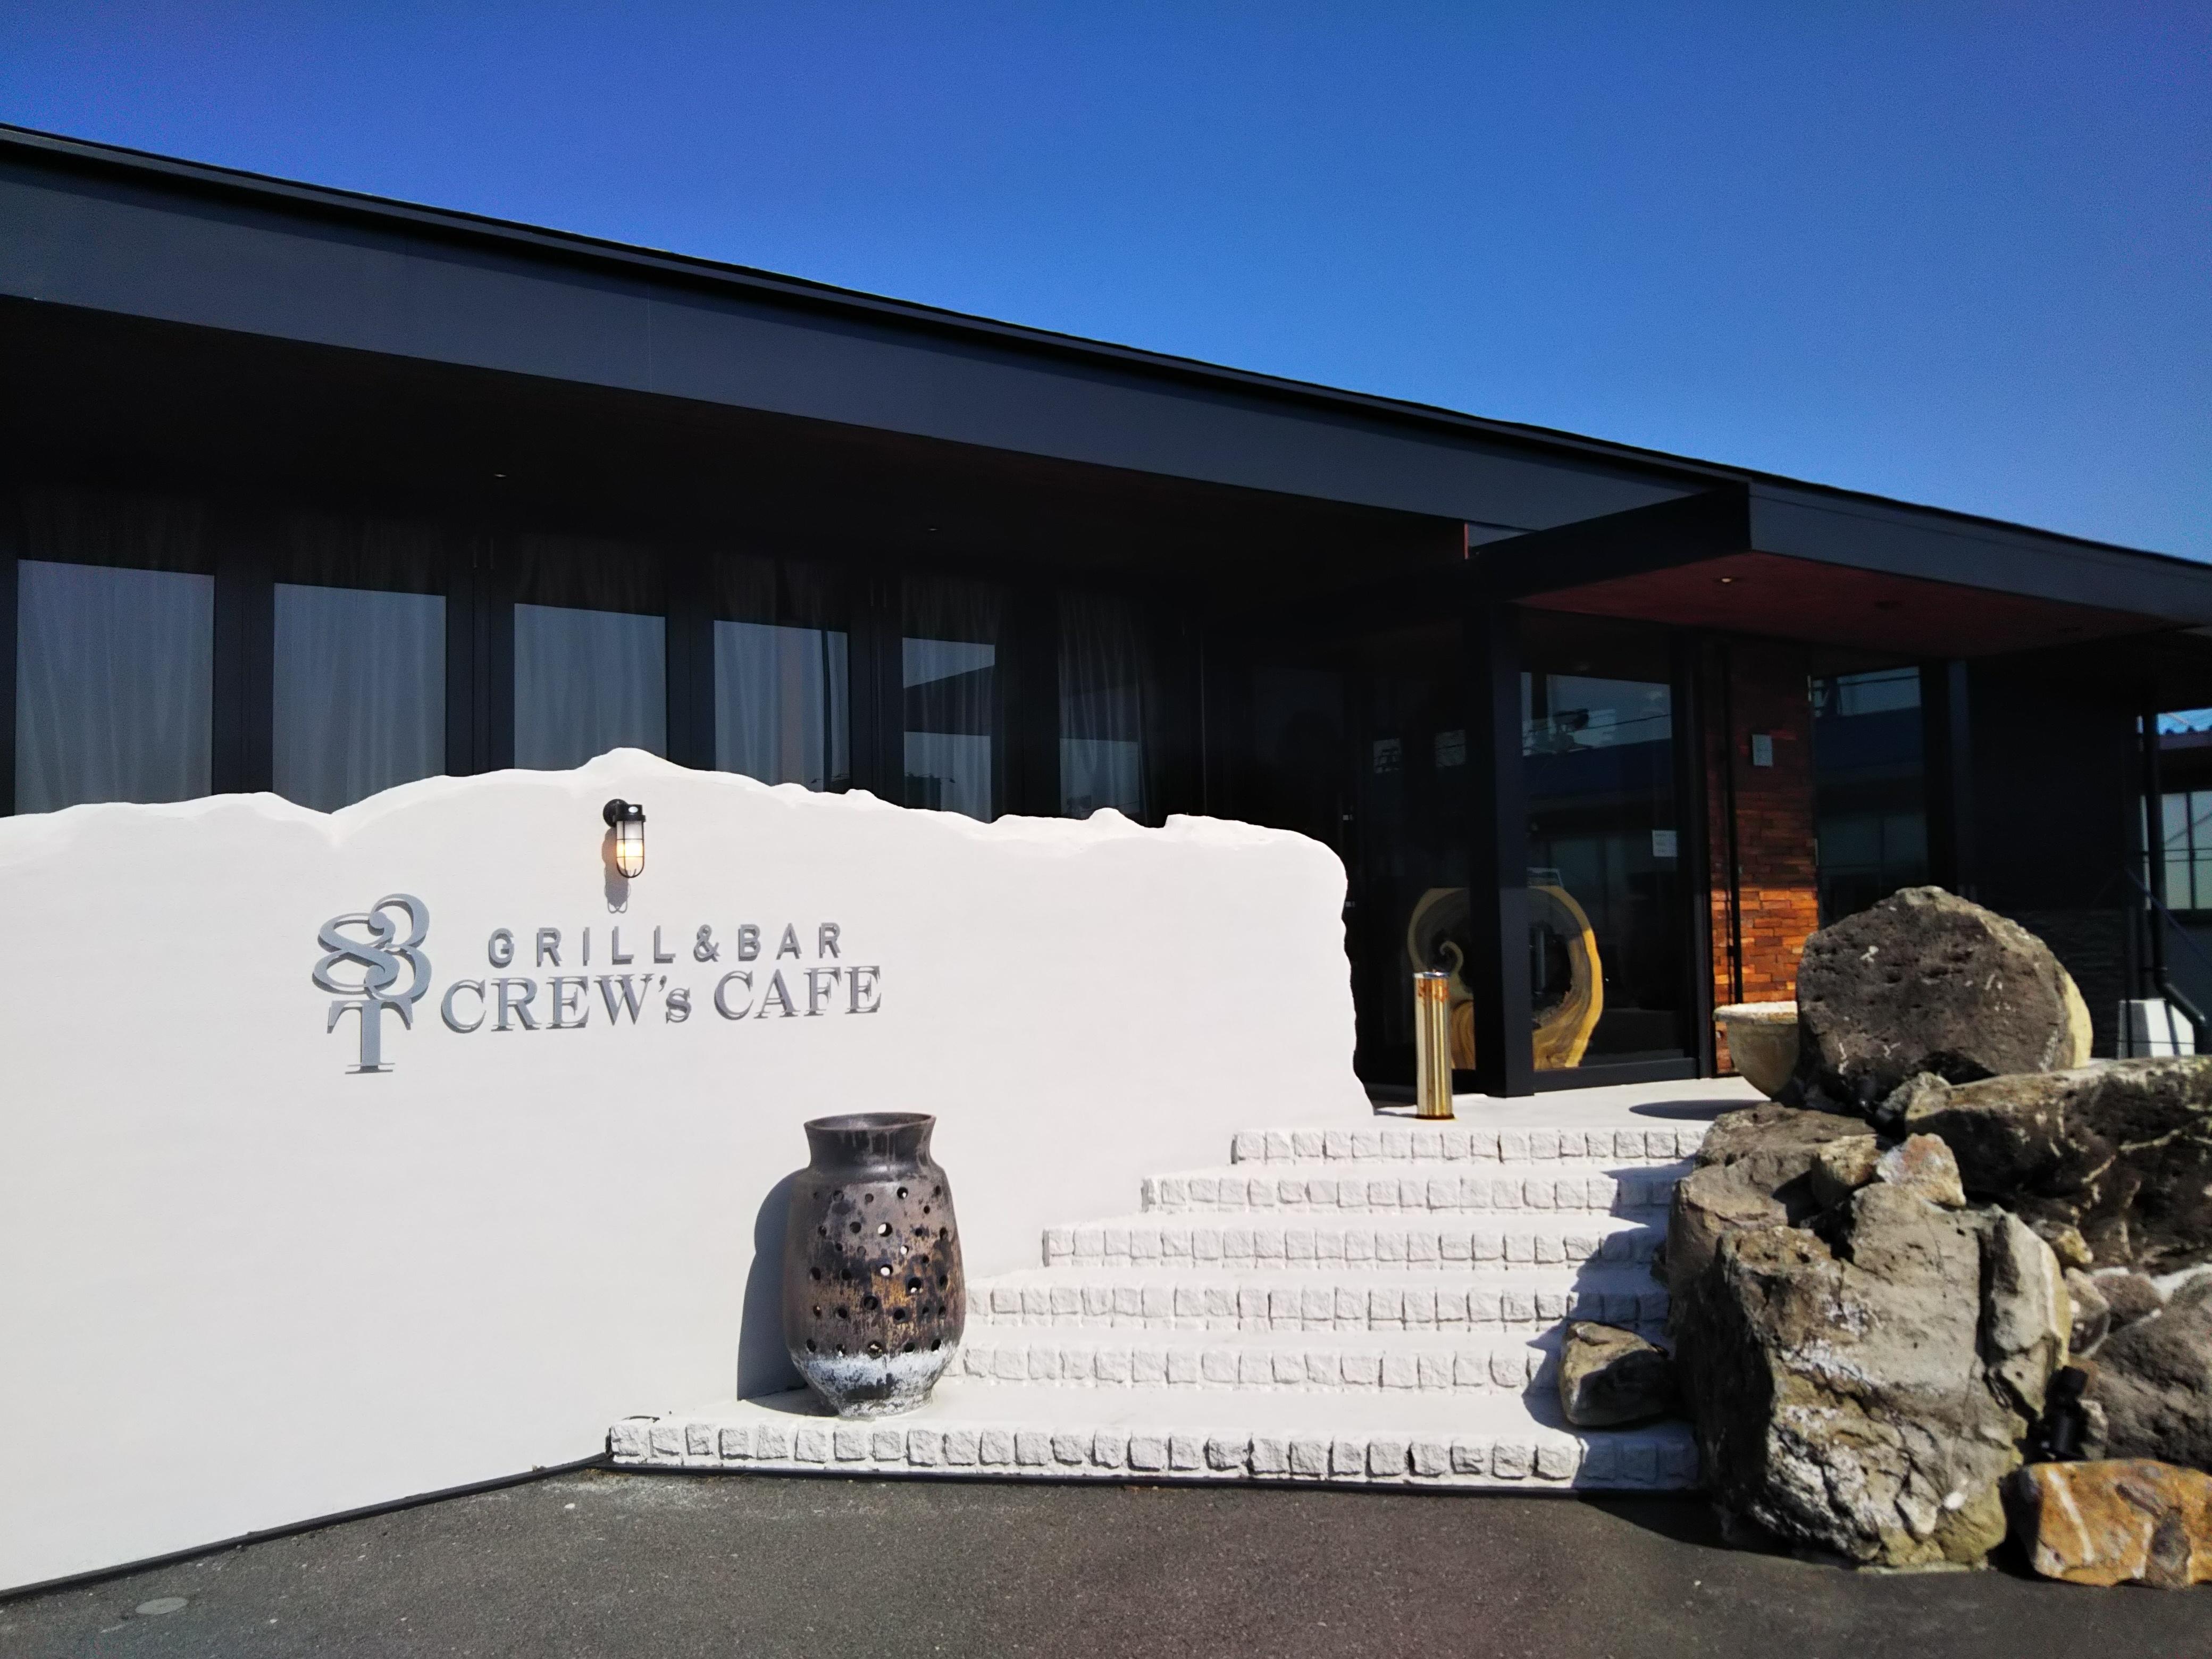 クルーズカフェ CREW's CAFE丸亀市の肉好きには堪らない肉バル